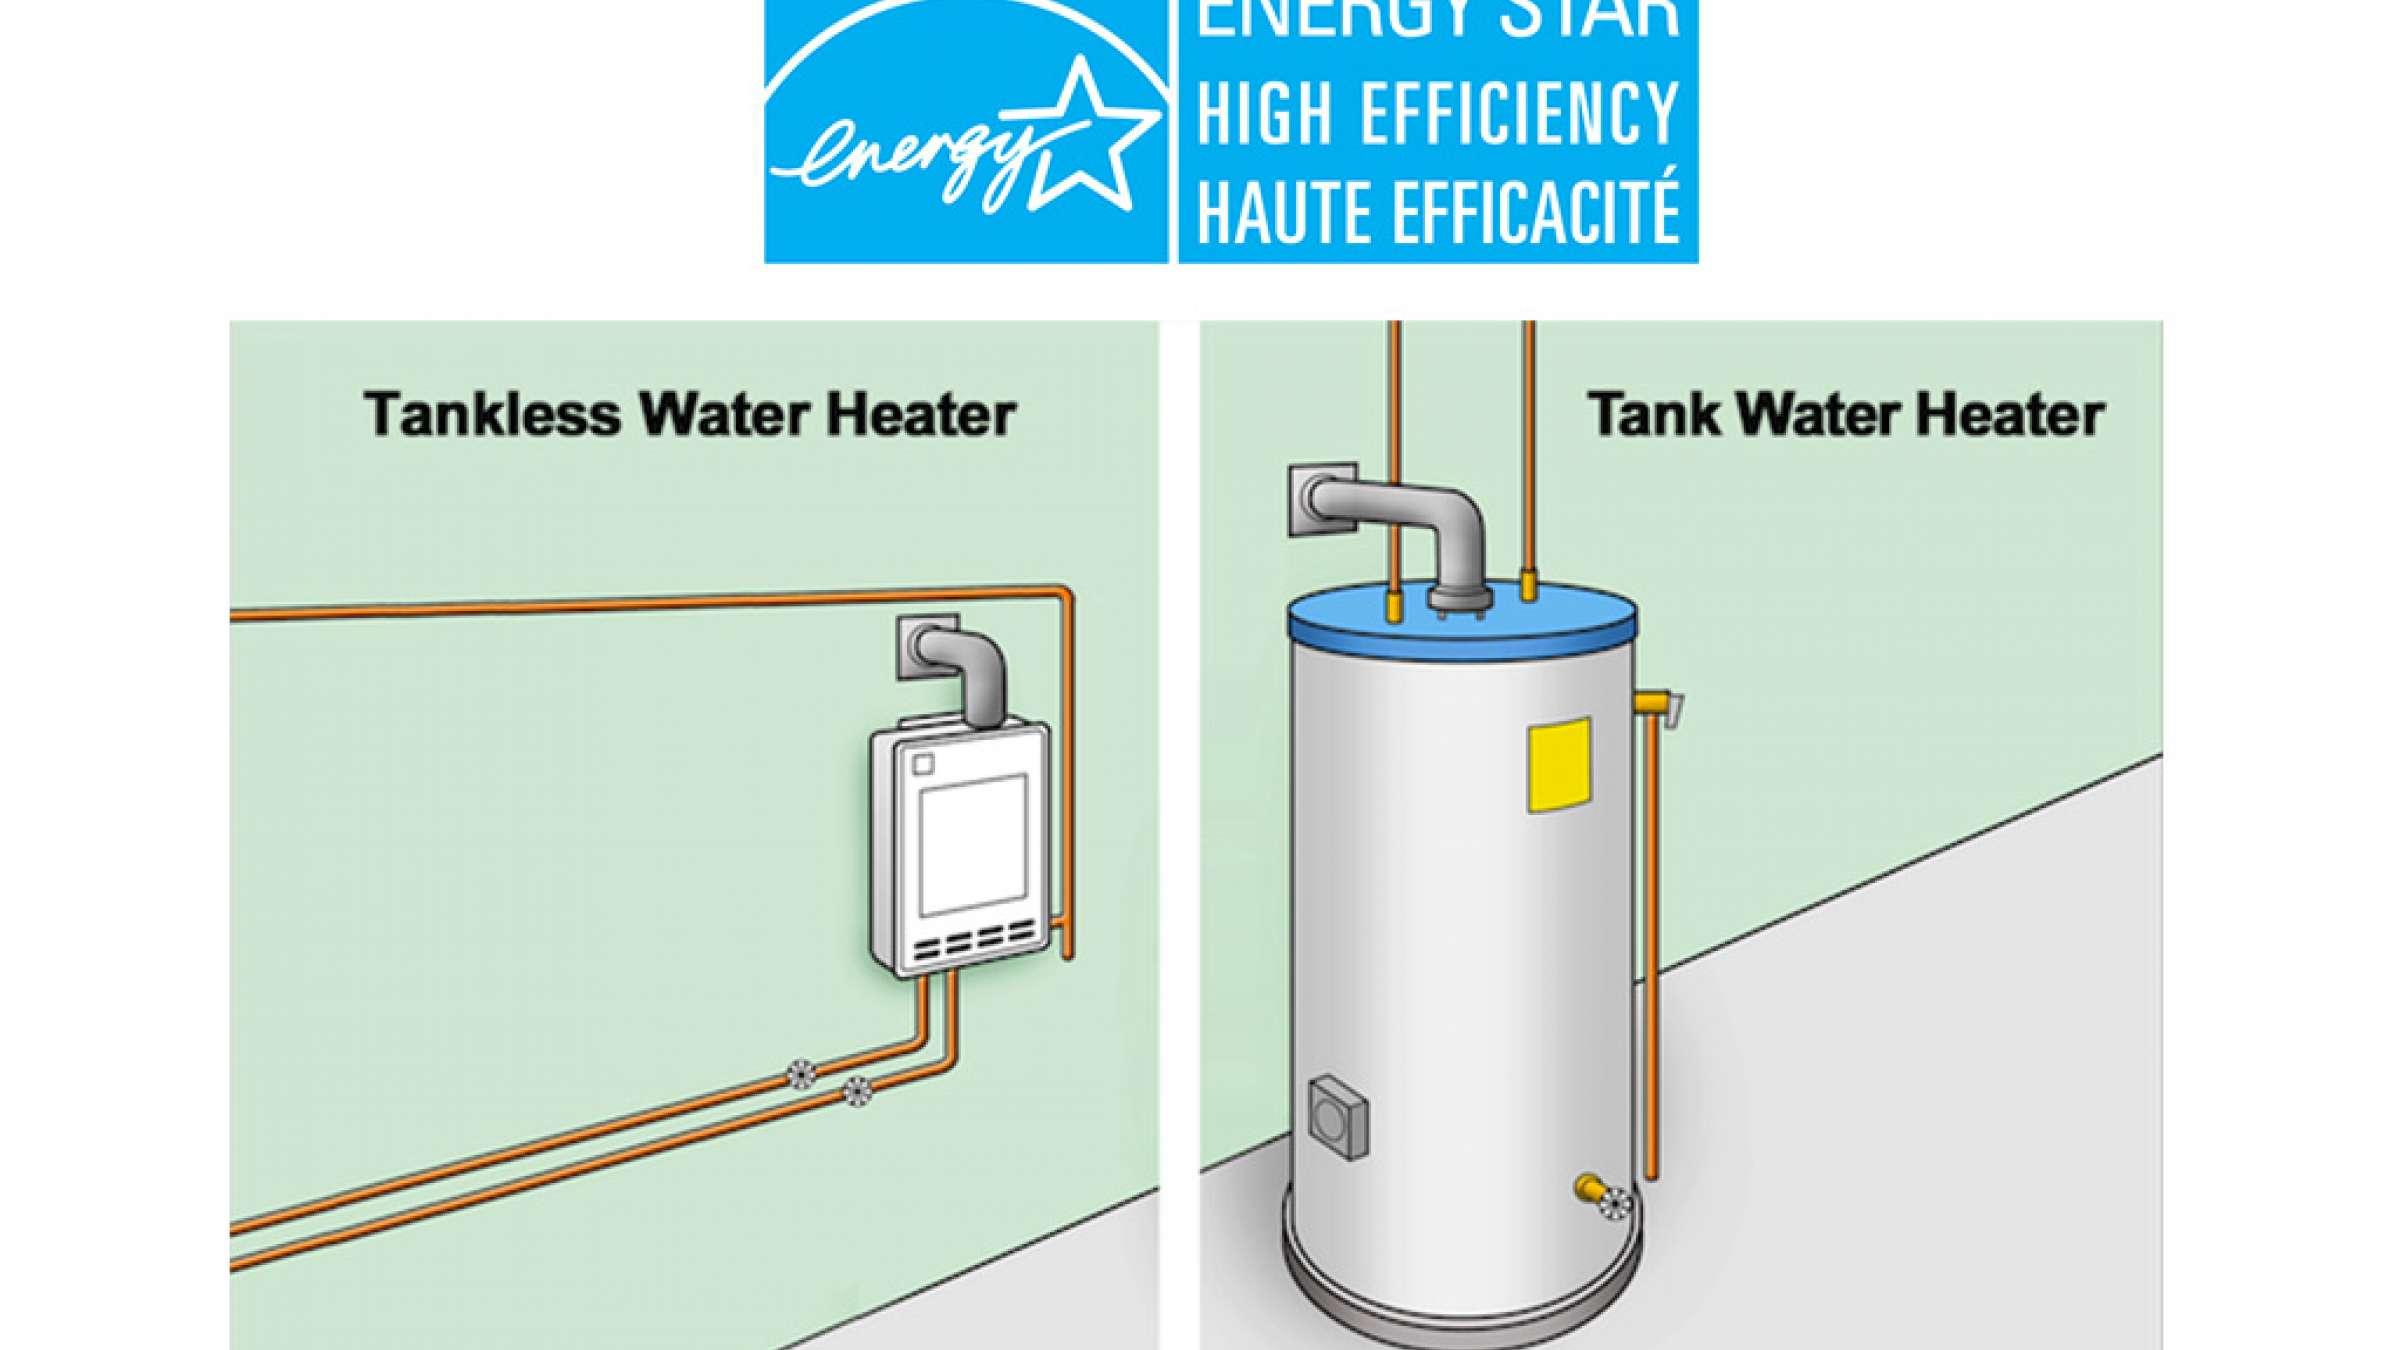 آبگرمکنها-و-برچسب-انرژی-پیمان-خانه